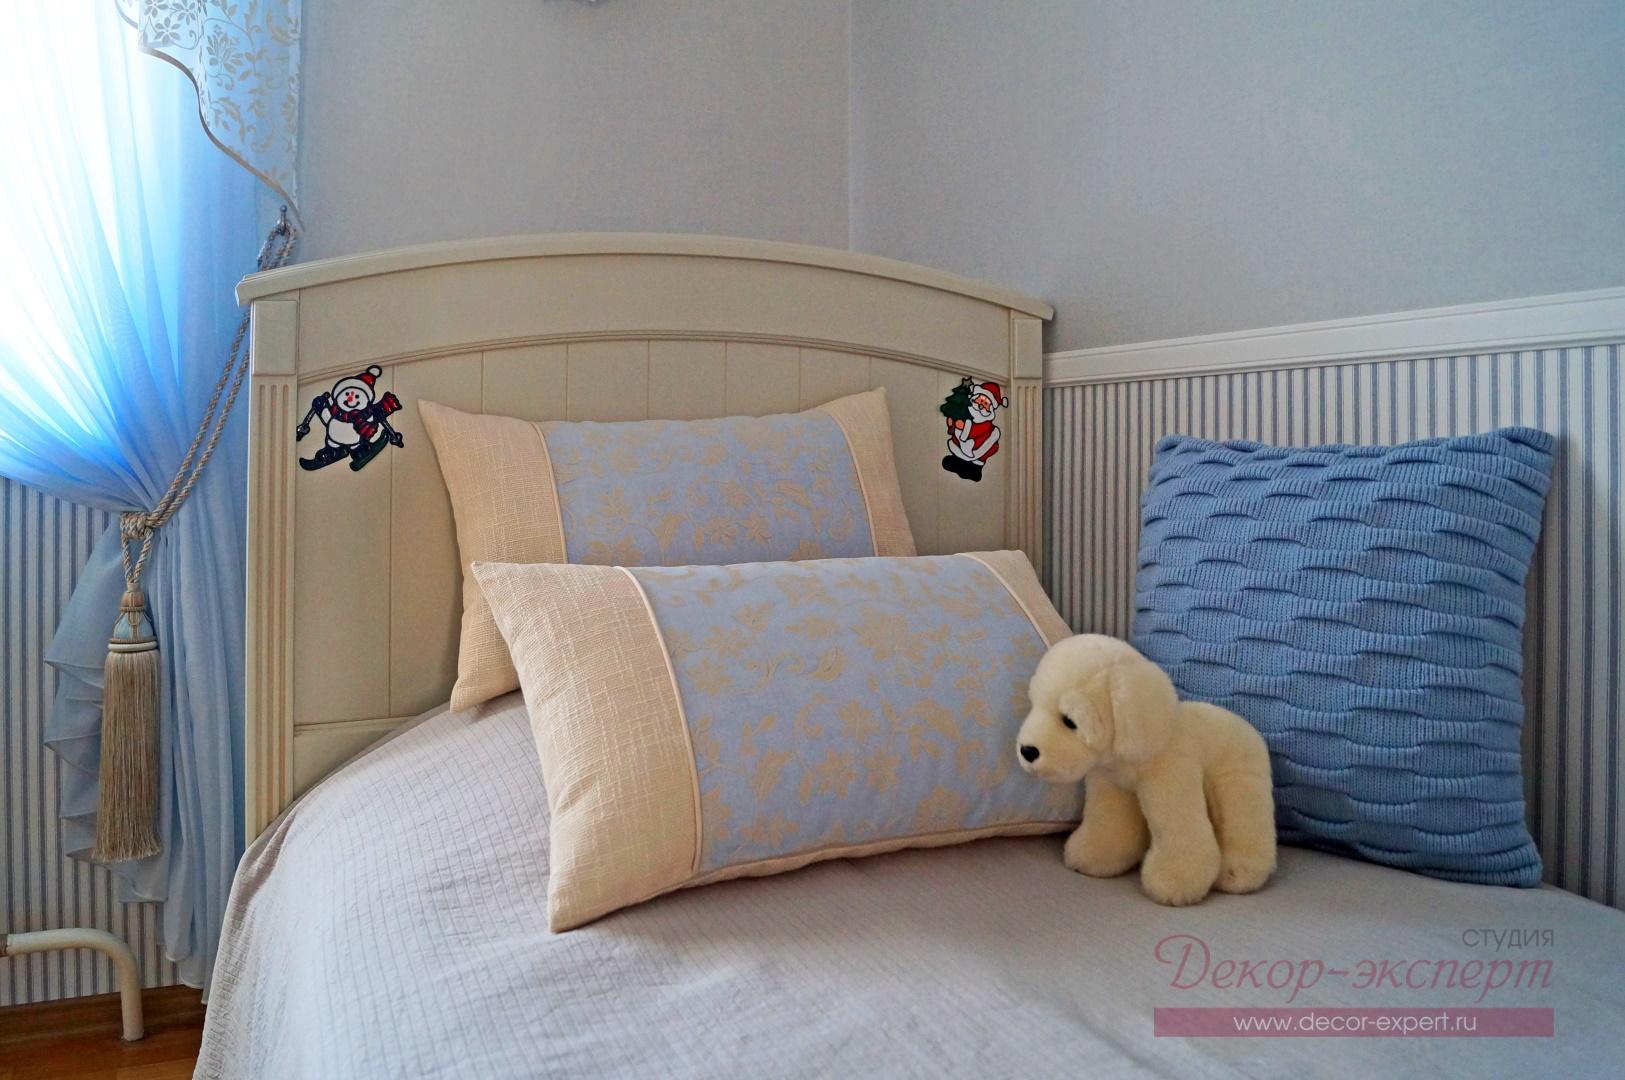 Две декоративные подушки с кантом и третья с объёмной вязкой на кровати в комнате девочки.